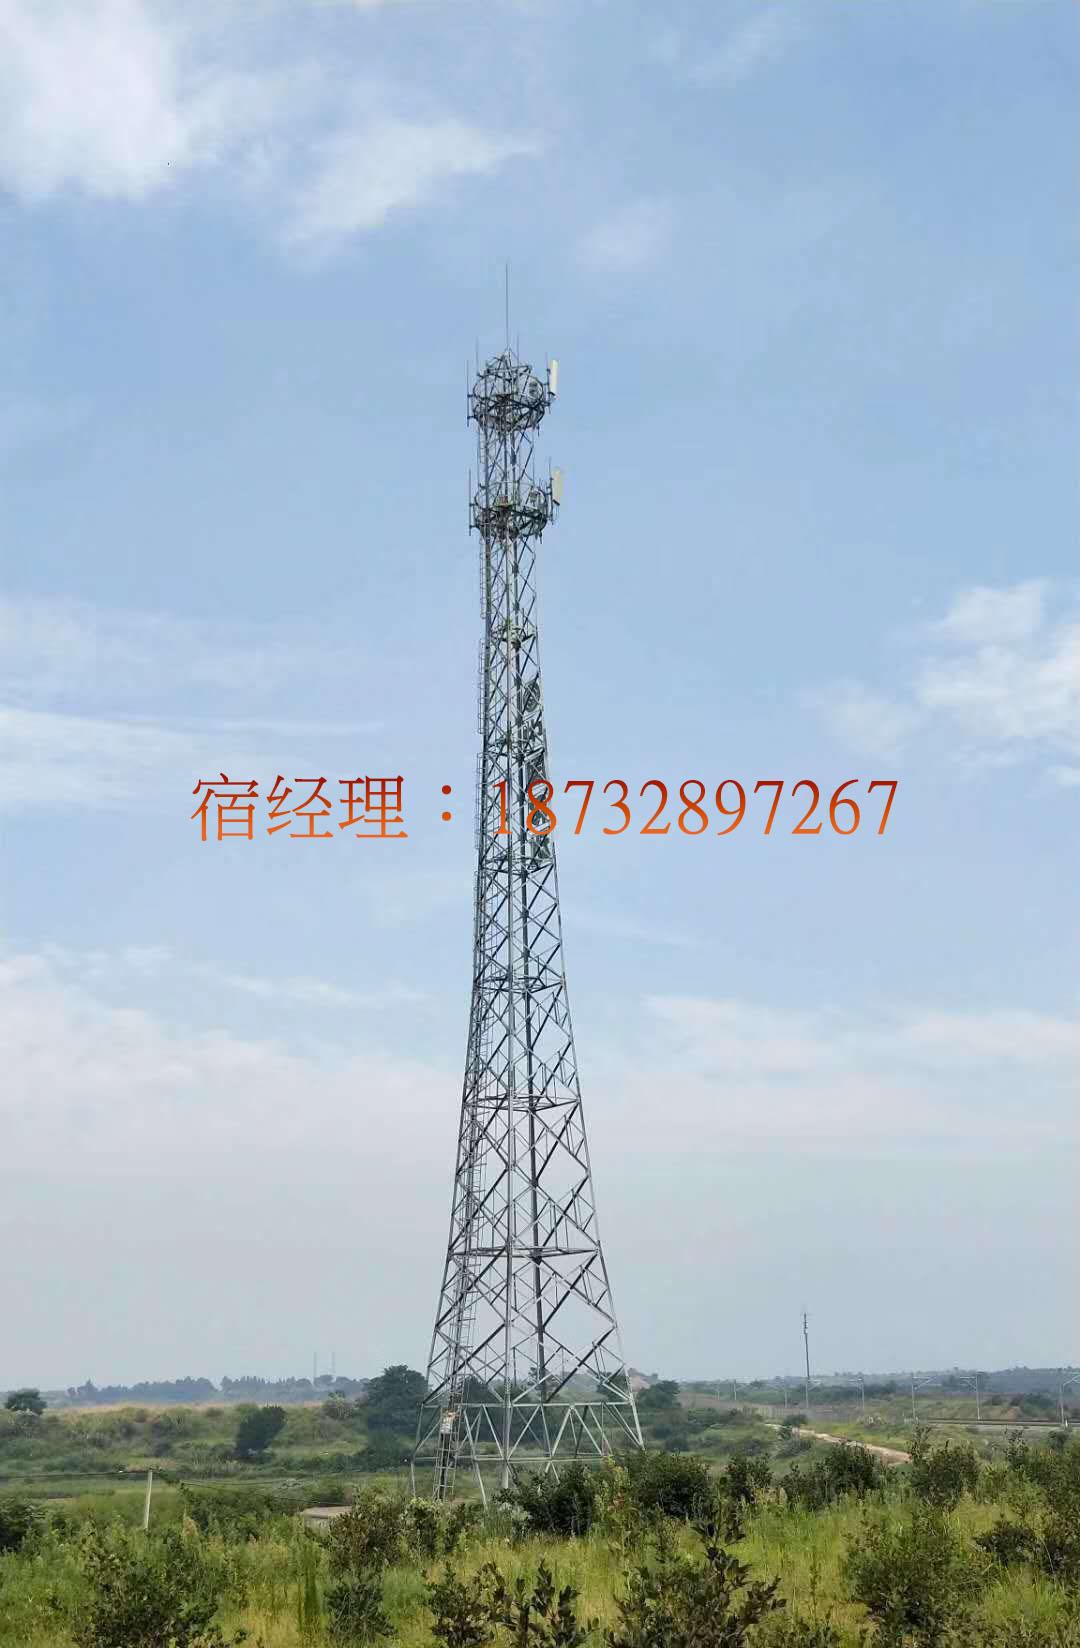 通信塔 三管通信塔 新型通信塔  通信铁塔 避雷塔 钢构工程 单元塔 通讯塔一体化